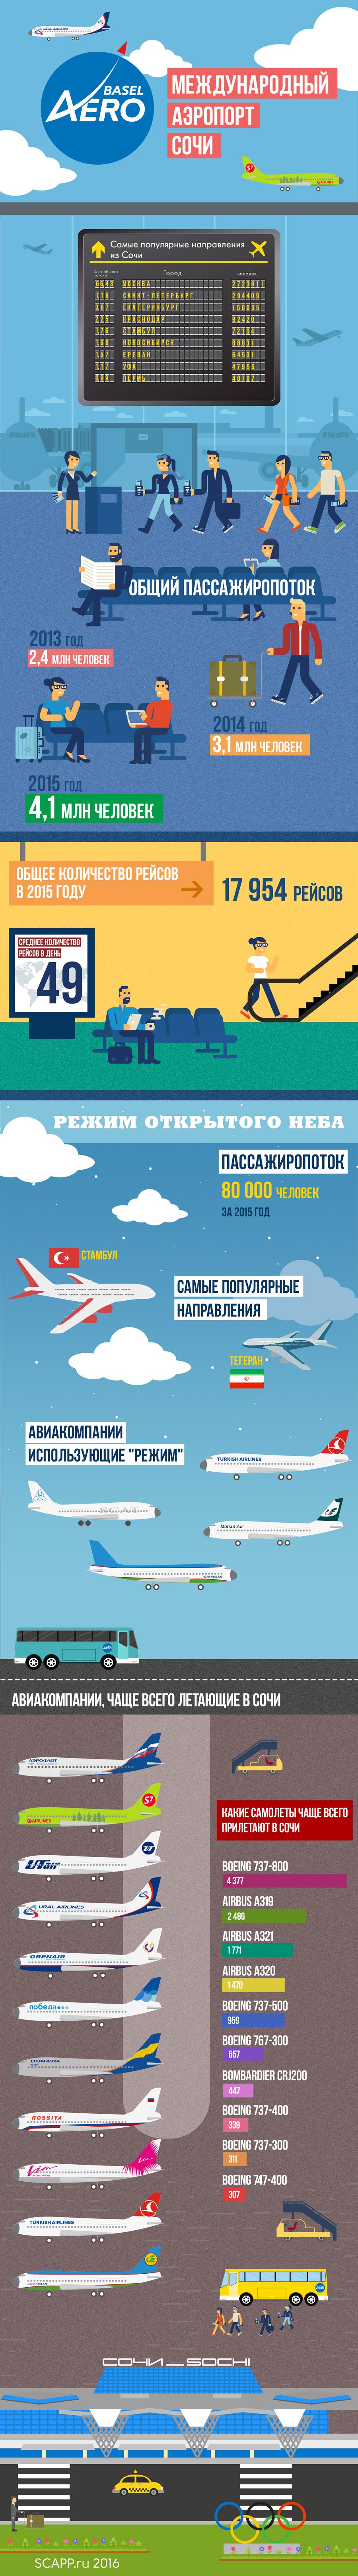 Международный аэропорт Сочи инфографика статистика